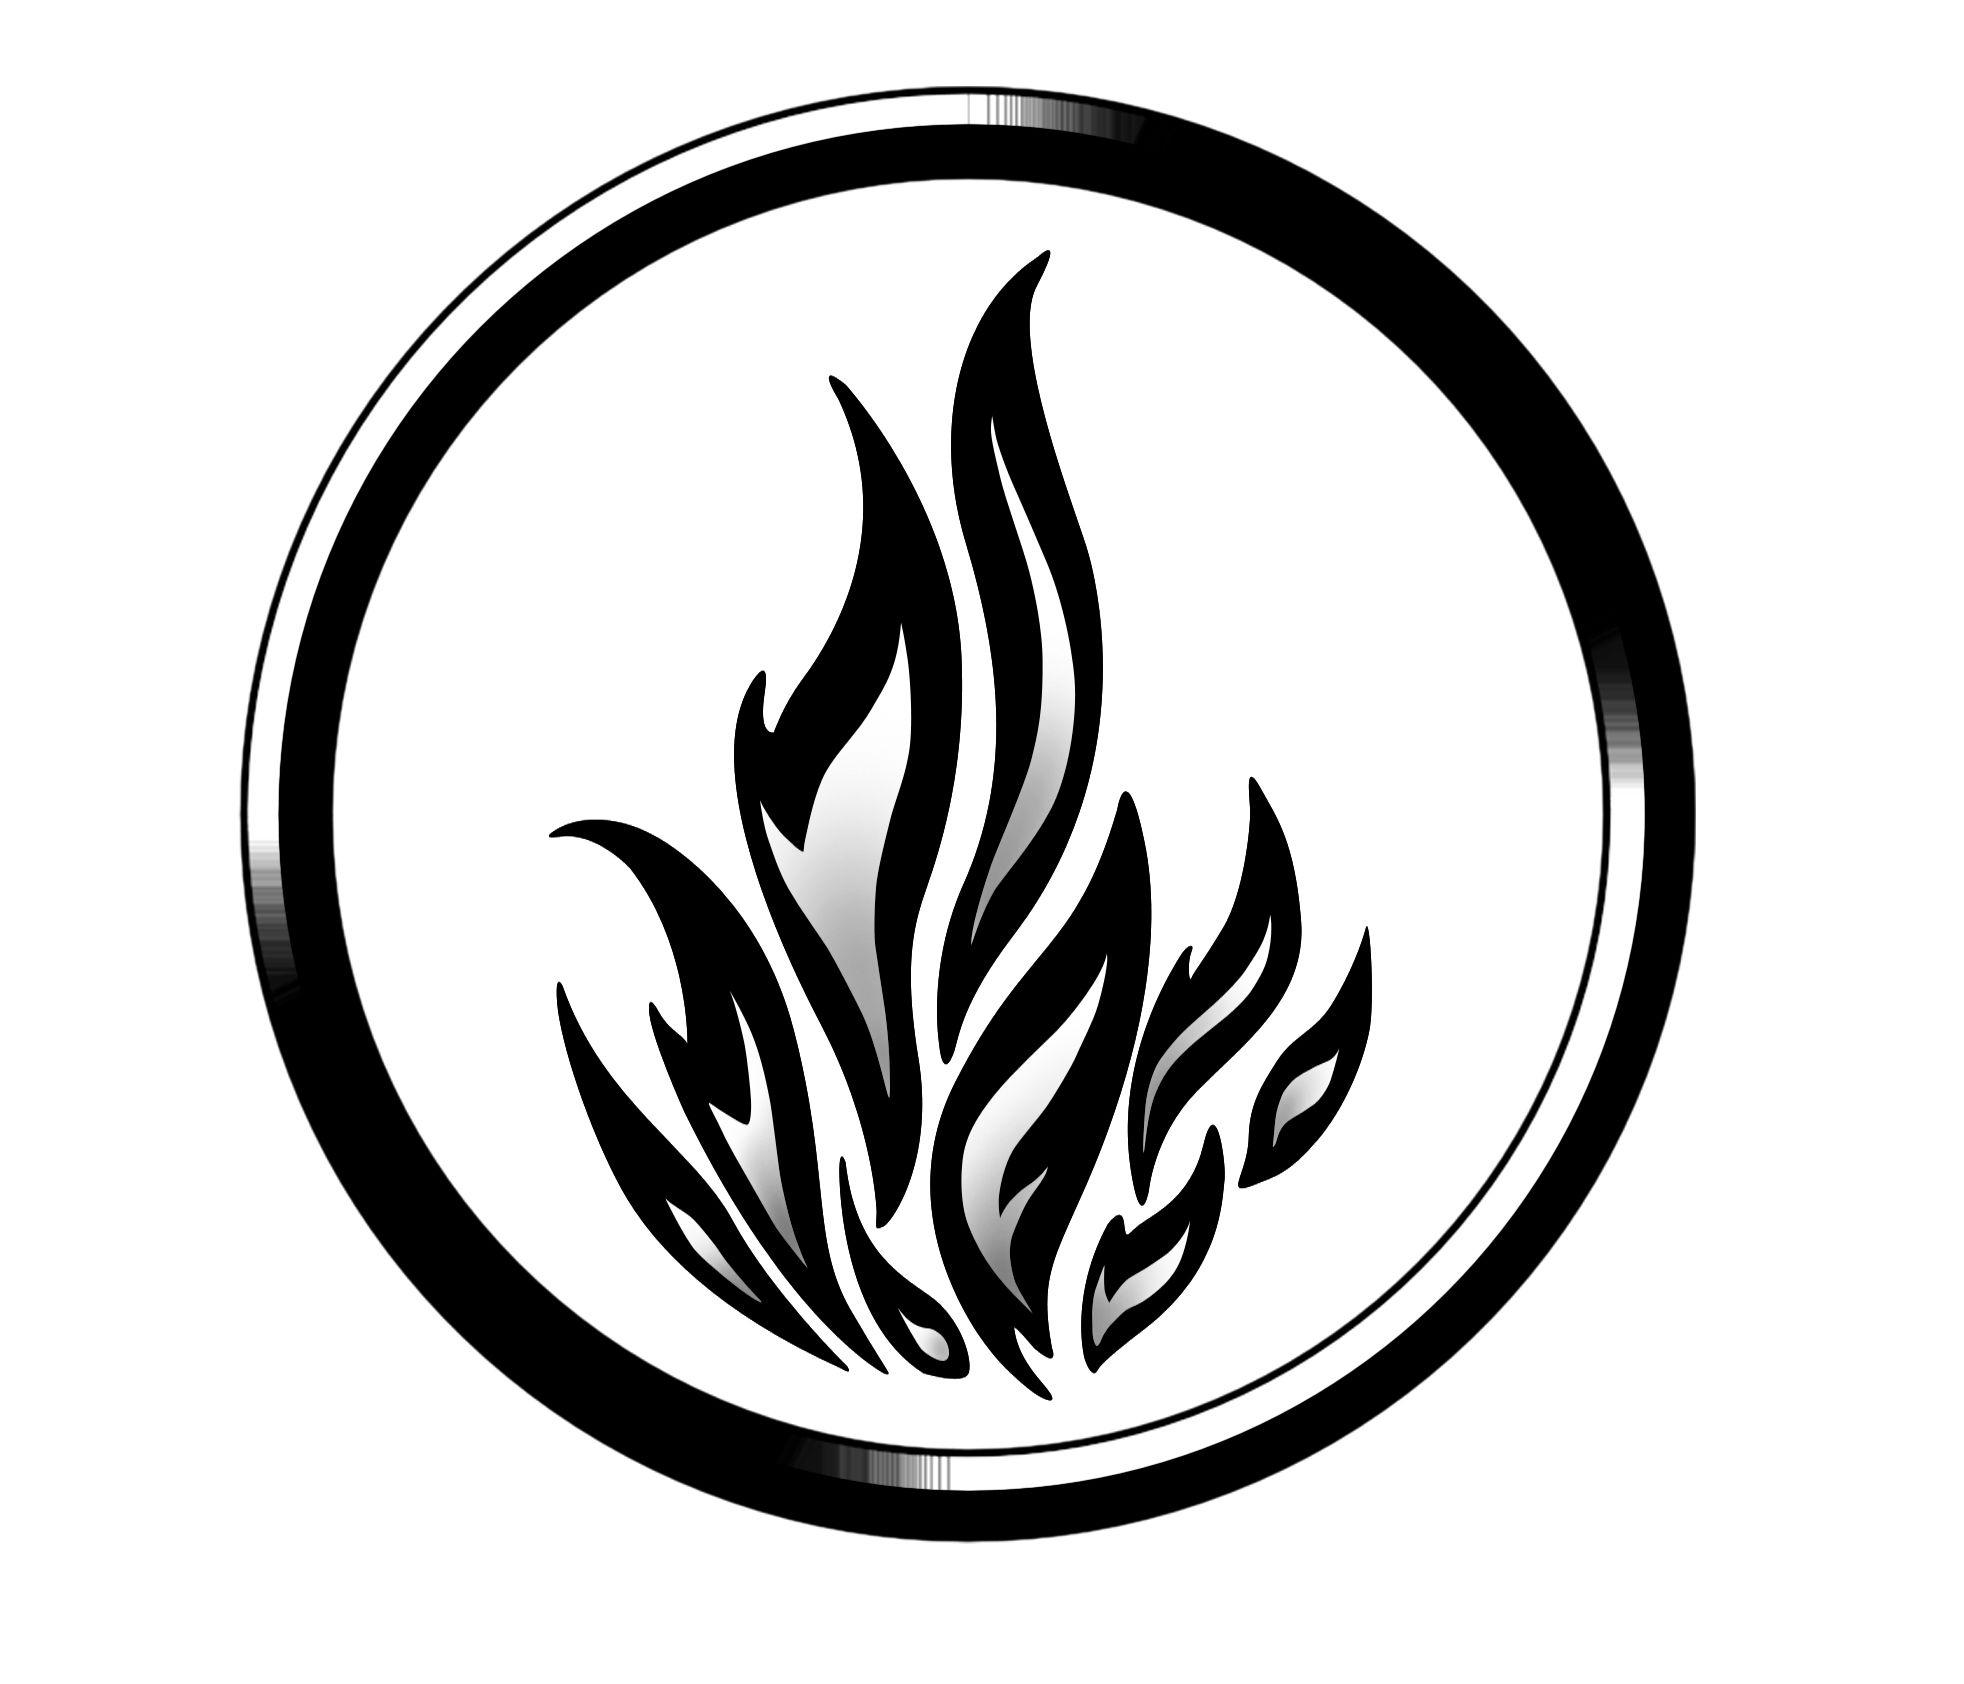 divergent symbol tattoo - HD1964×1684